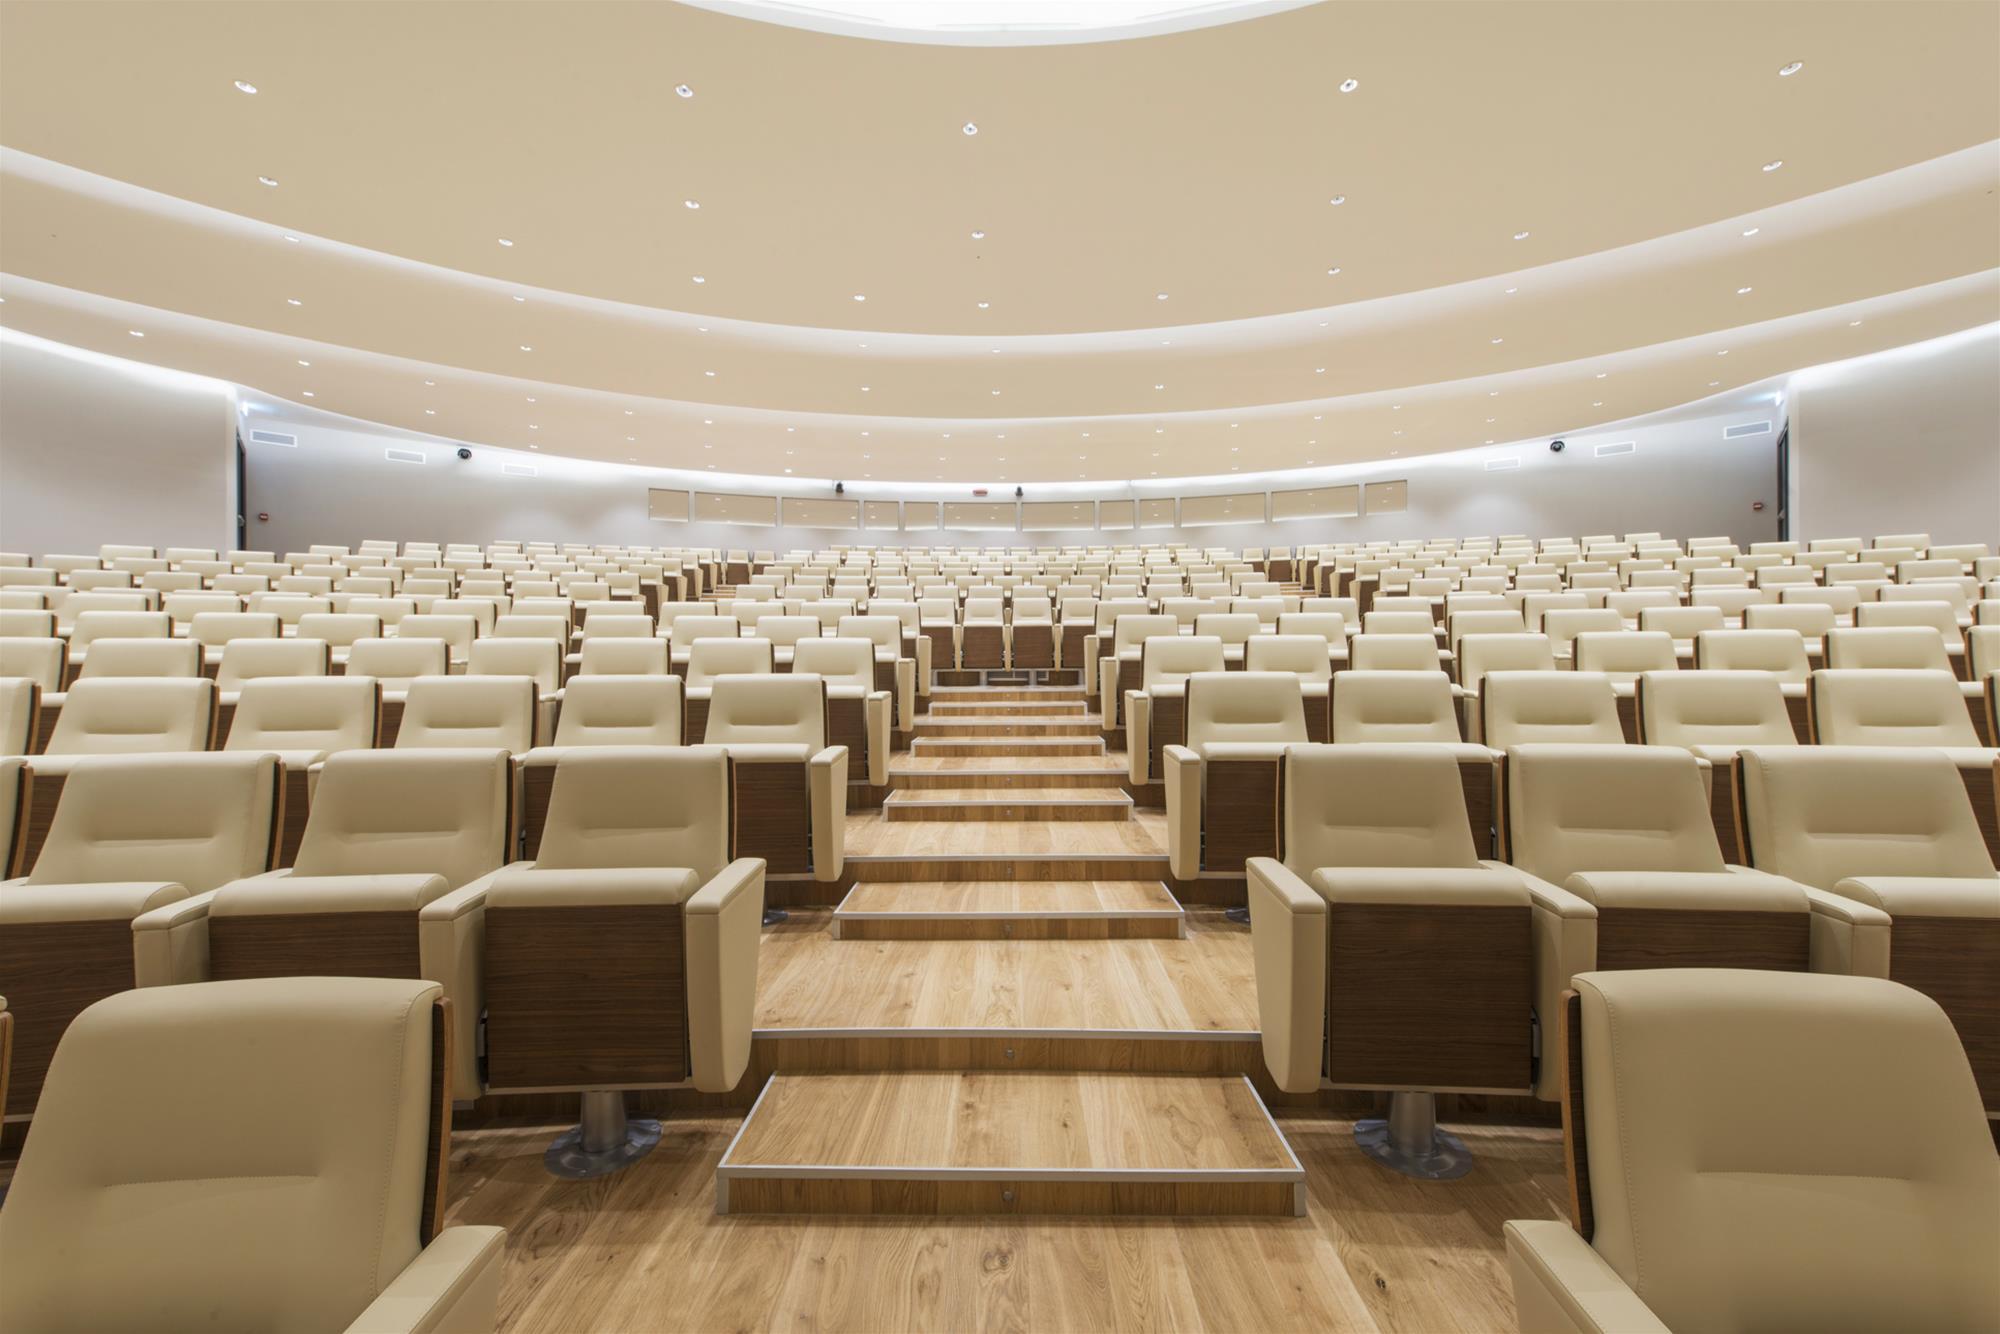 Fauteuils d'auditorium et aménagement d'intérieur